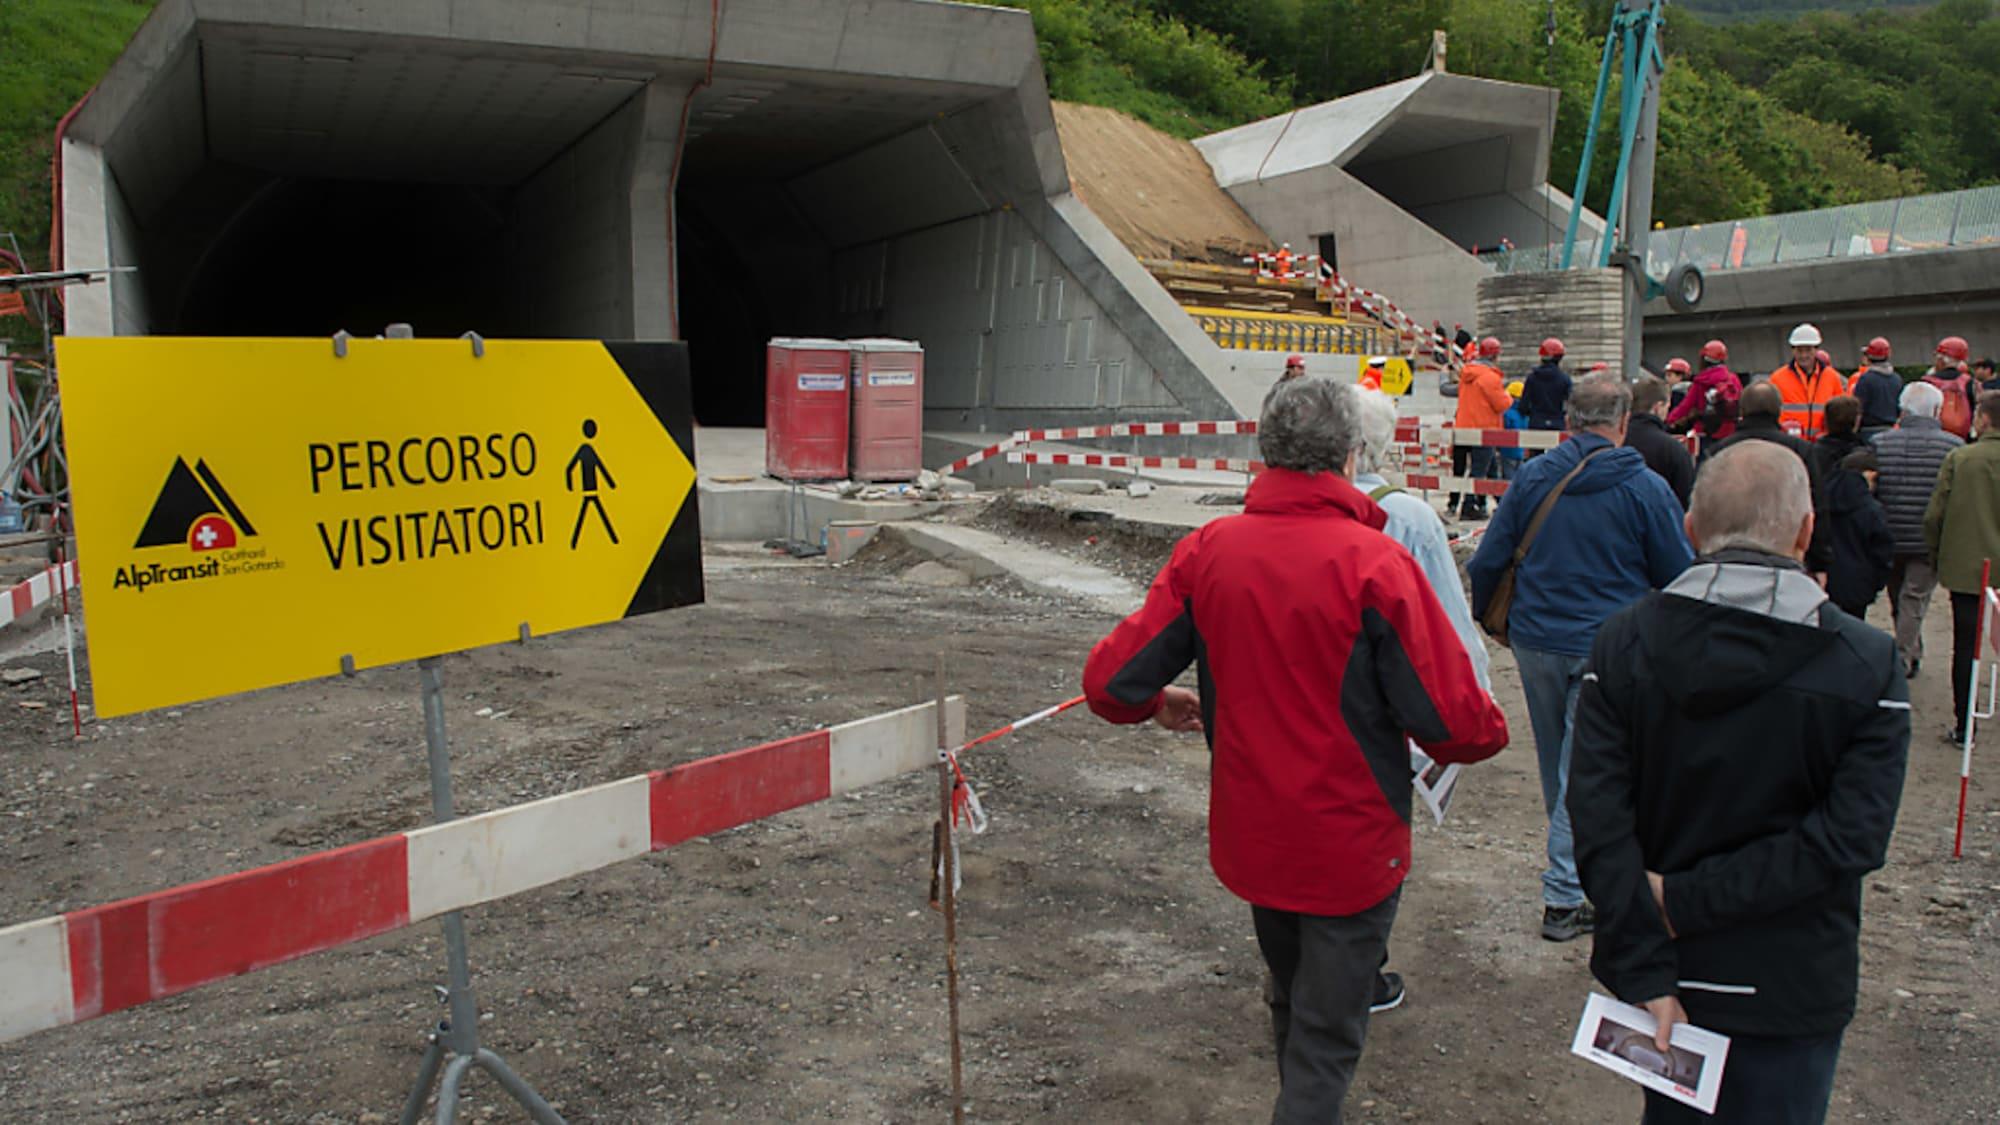 Bahn: 1,1 Millionen Menschen besuchen Tunnel-Baustellen der Neat